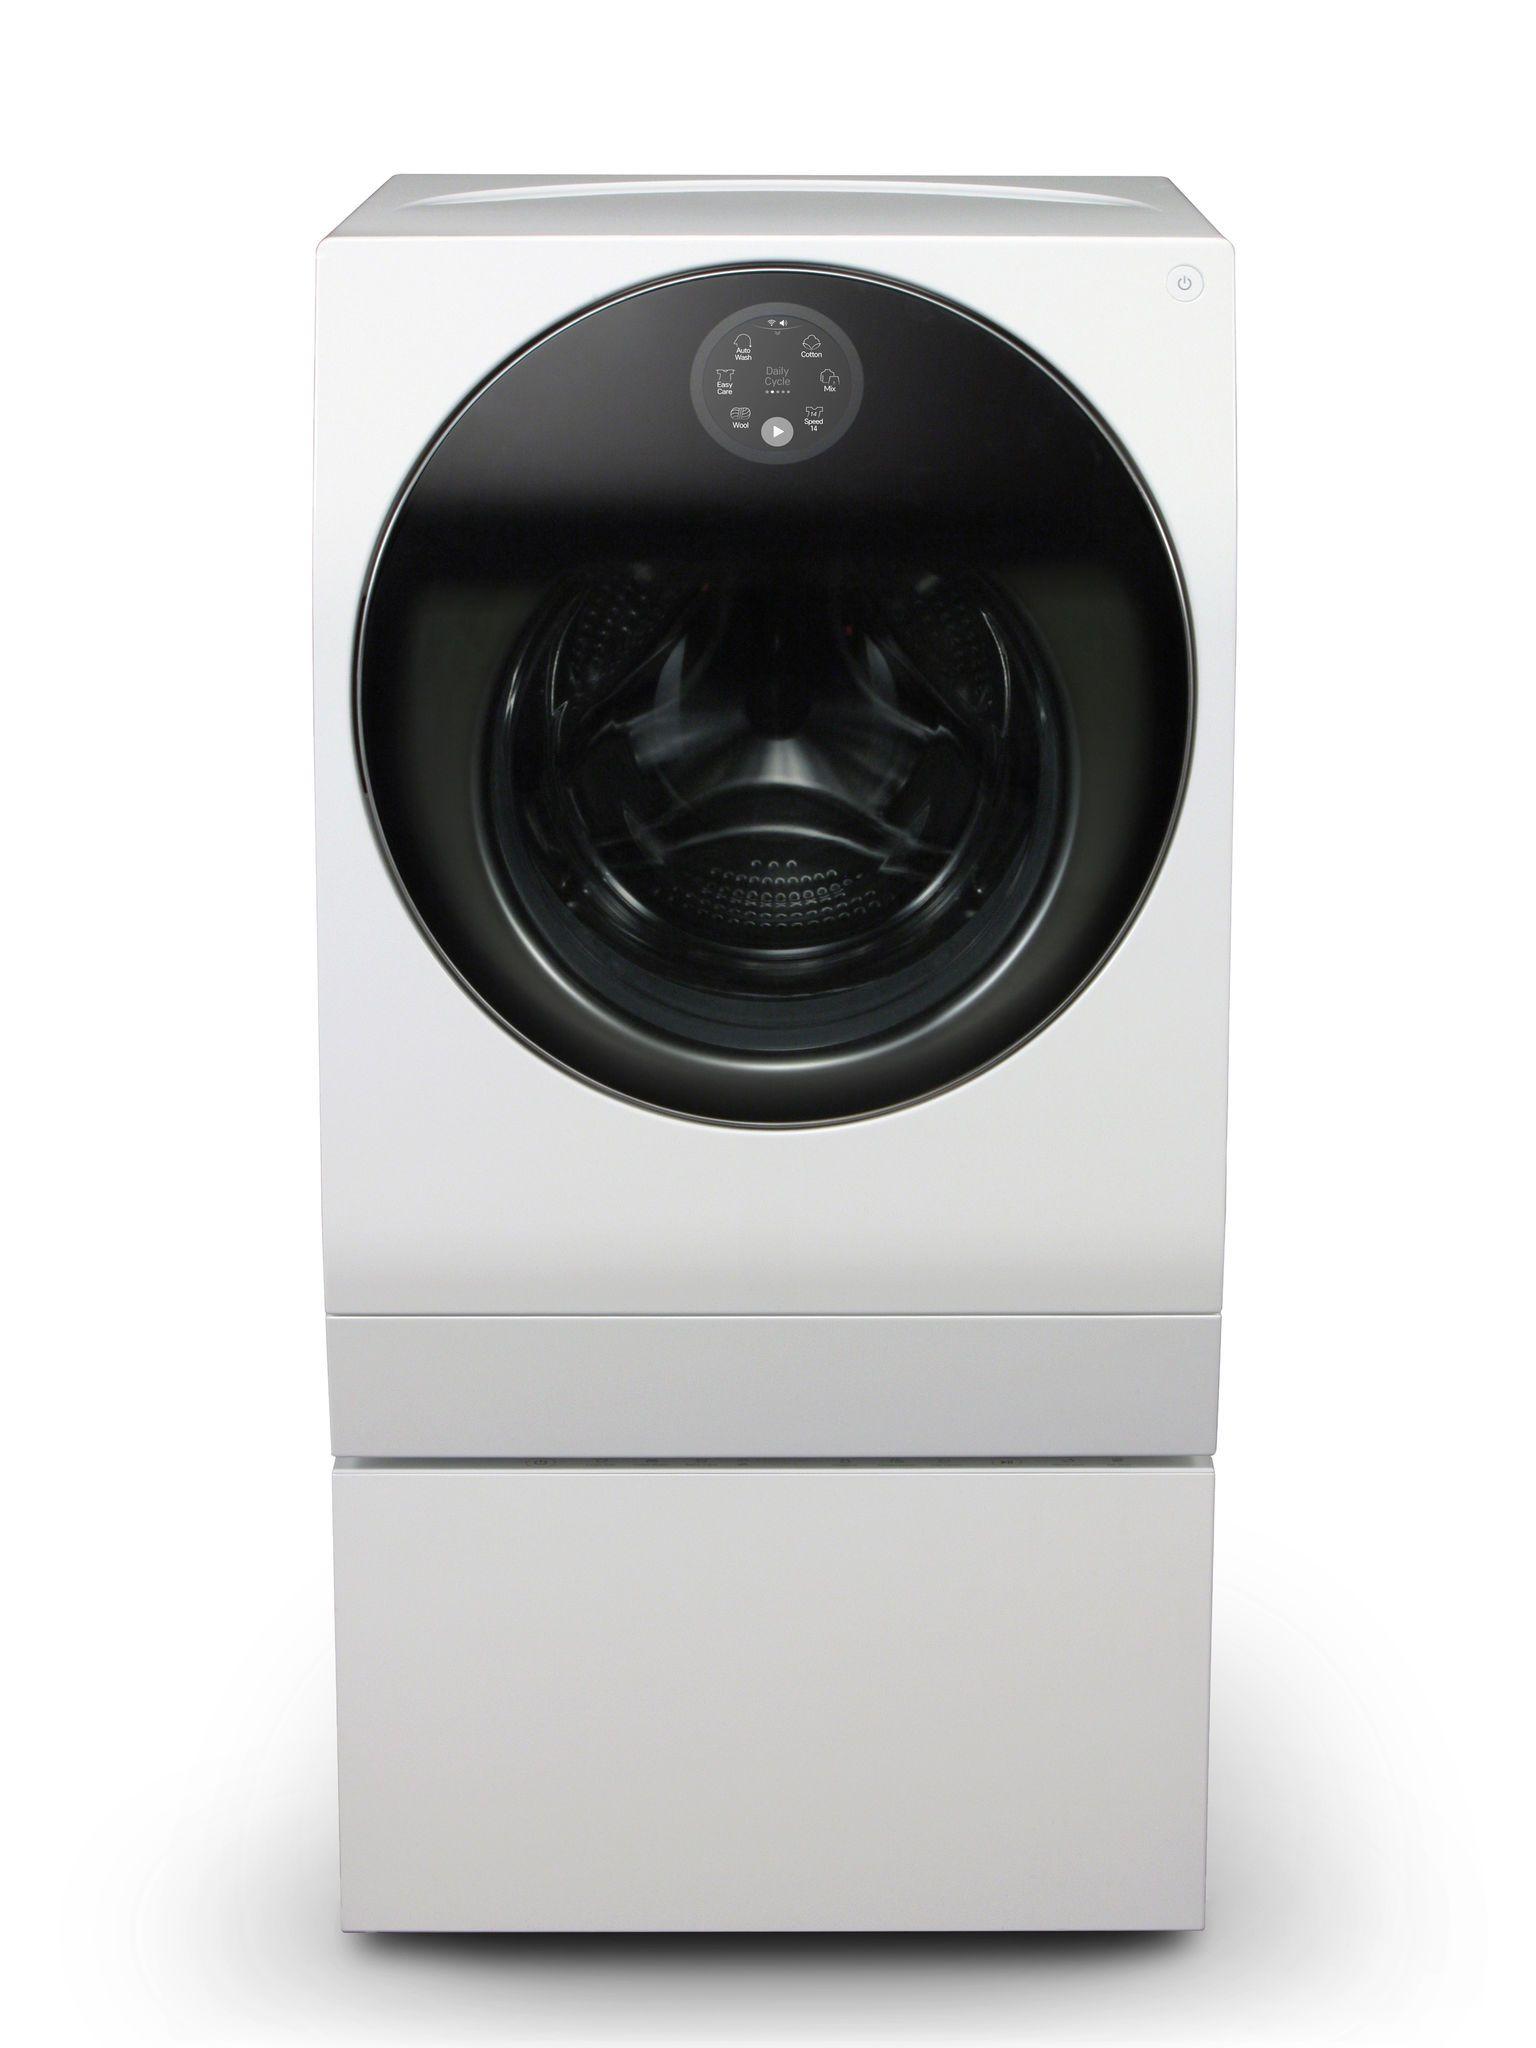 Lg Signature Washing Machine Washing Machine Washing Machine Lg Lg Washing Machines